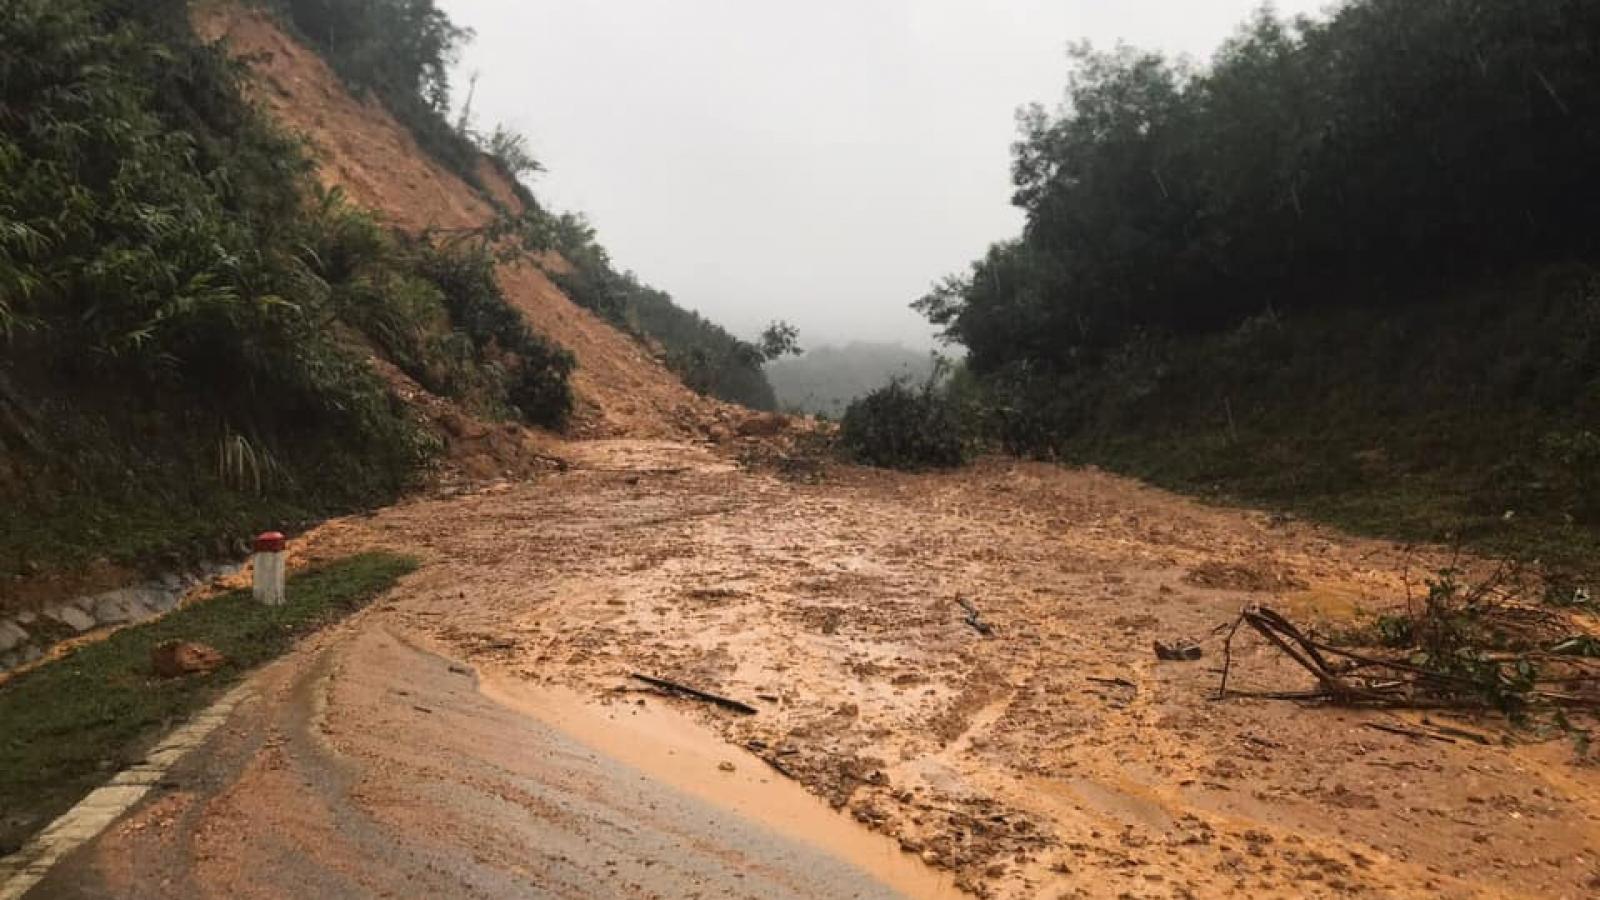 Hà Tĩnh ban hành công điện khẩn sơ tán dân khỏi vùng lũ nguy hiểm